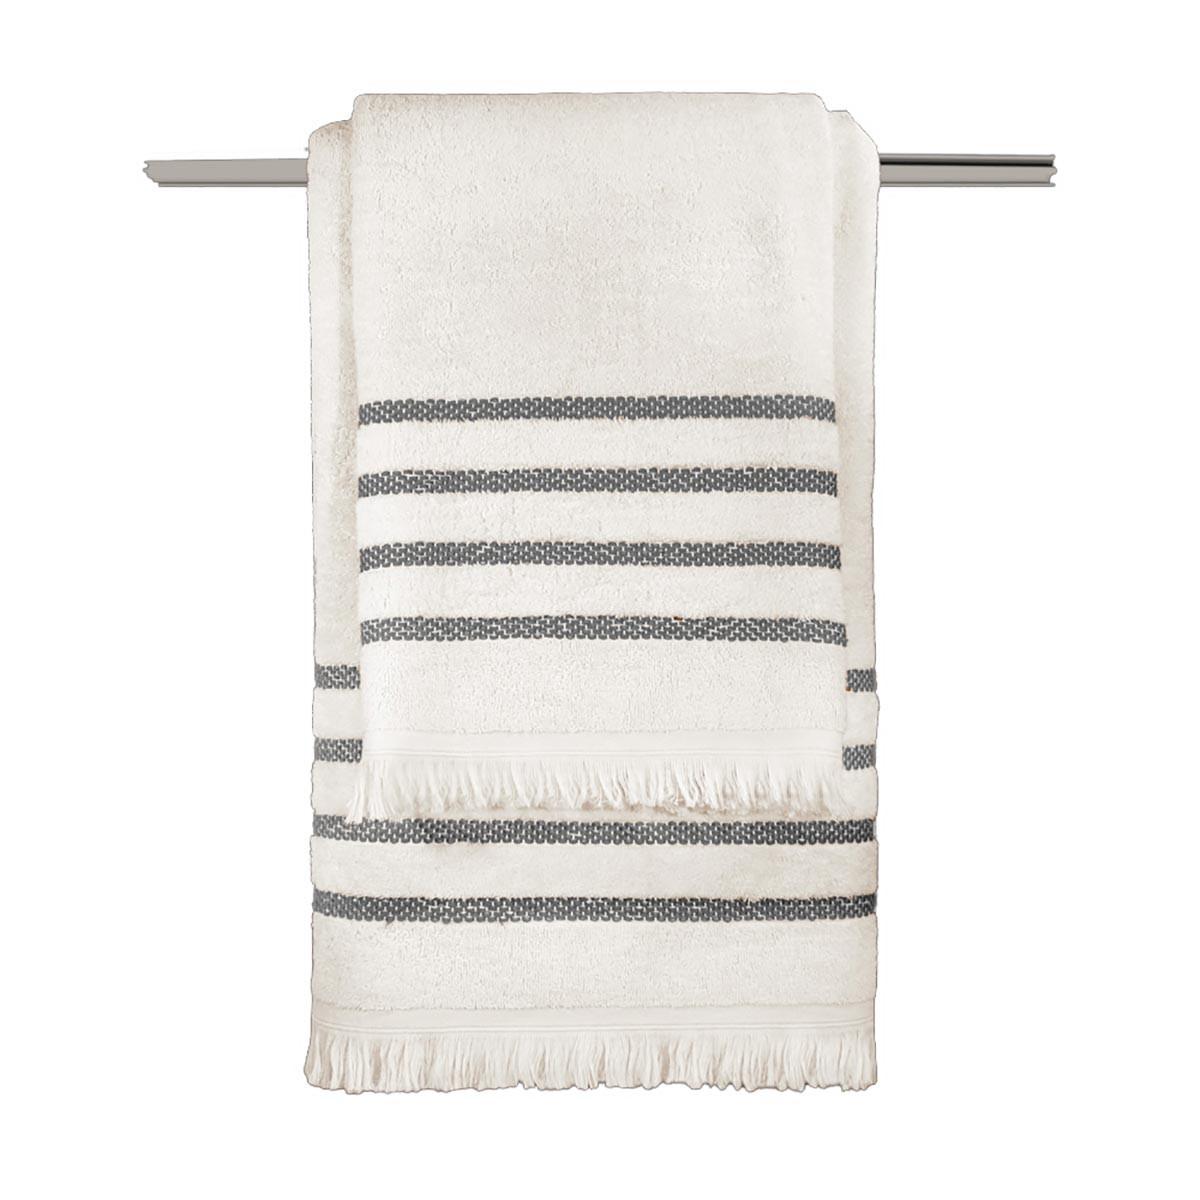 Πετσέτες Μπάνιου (Σετ 3τμχ) Guy Laroche Fabiana Cream